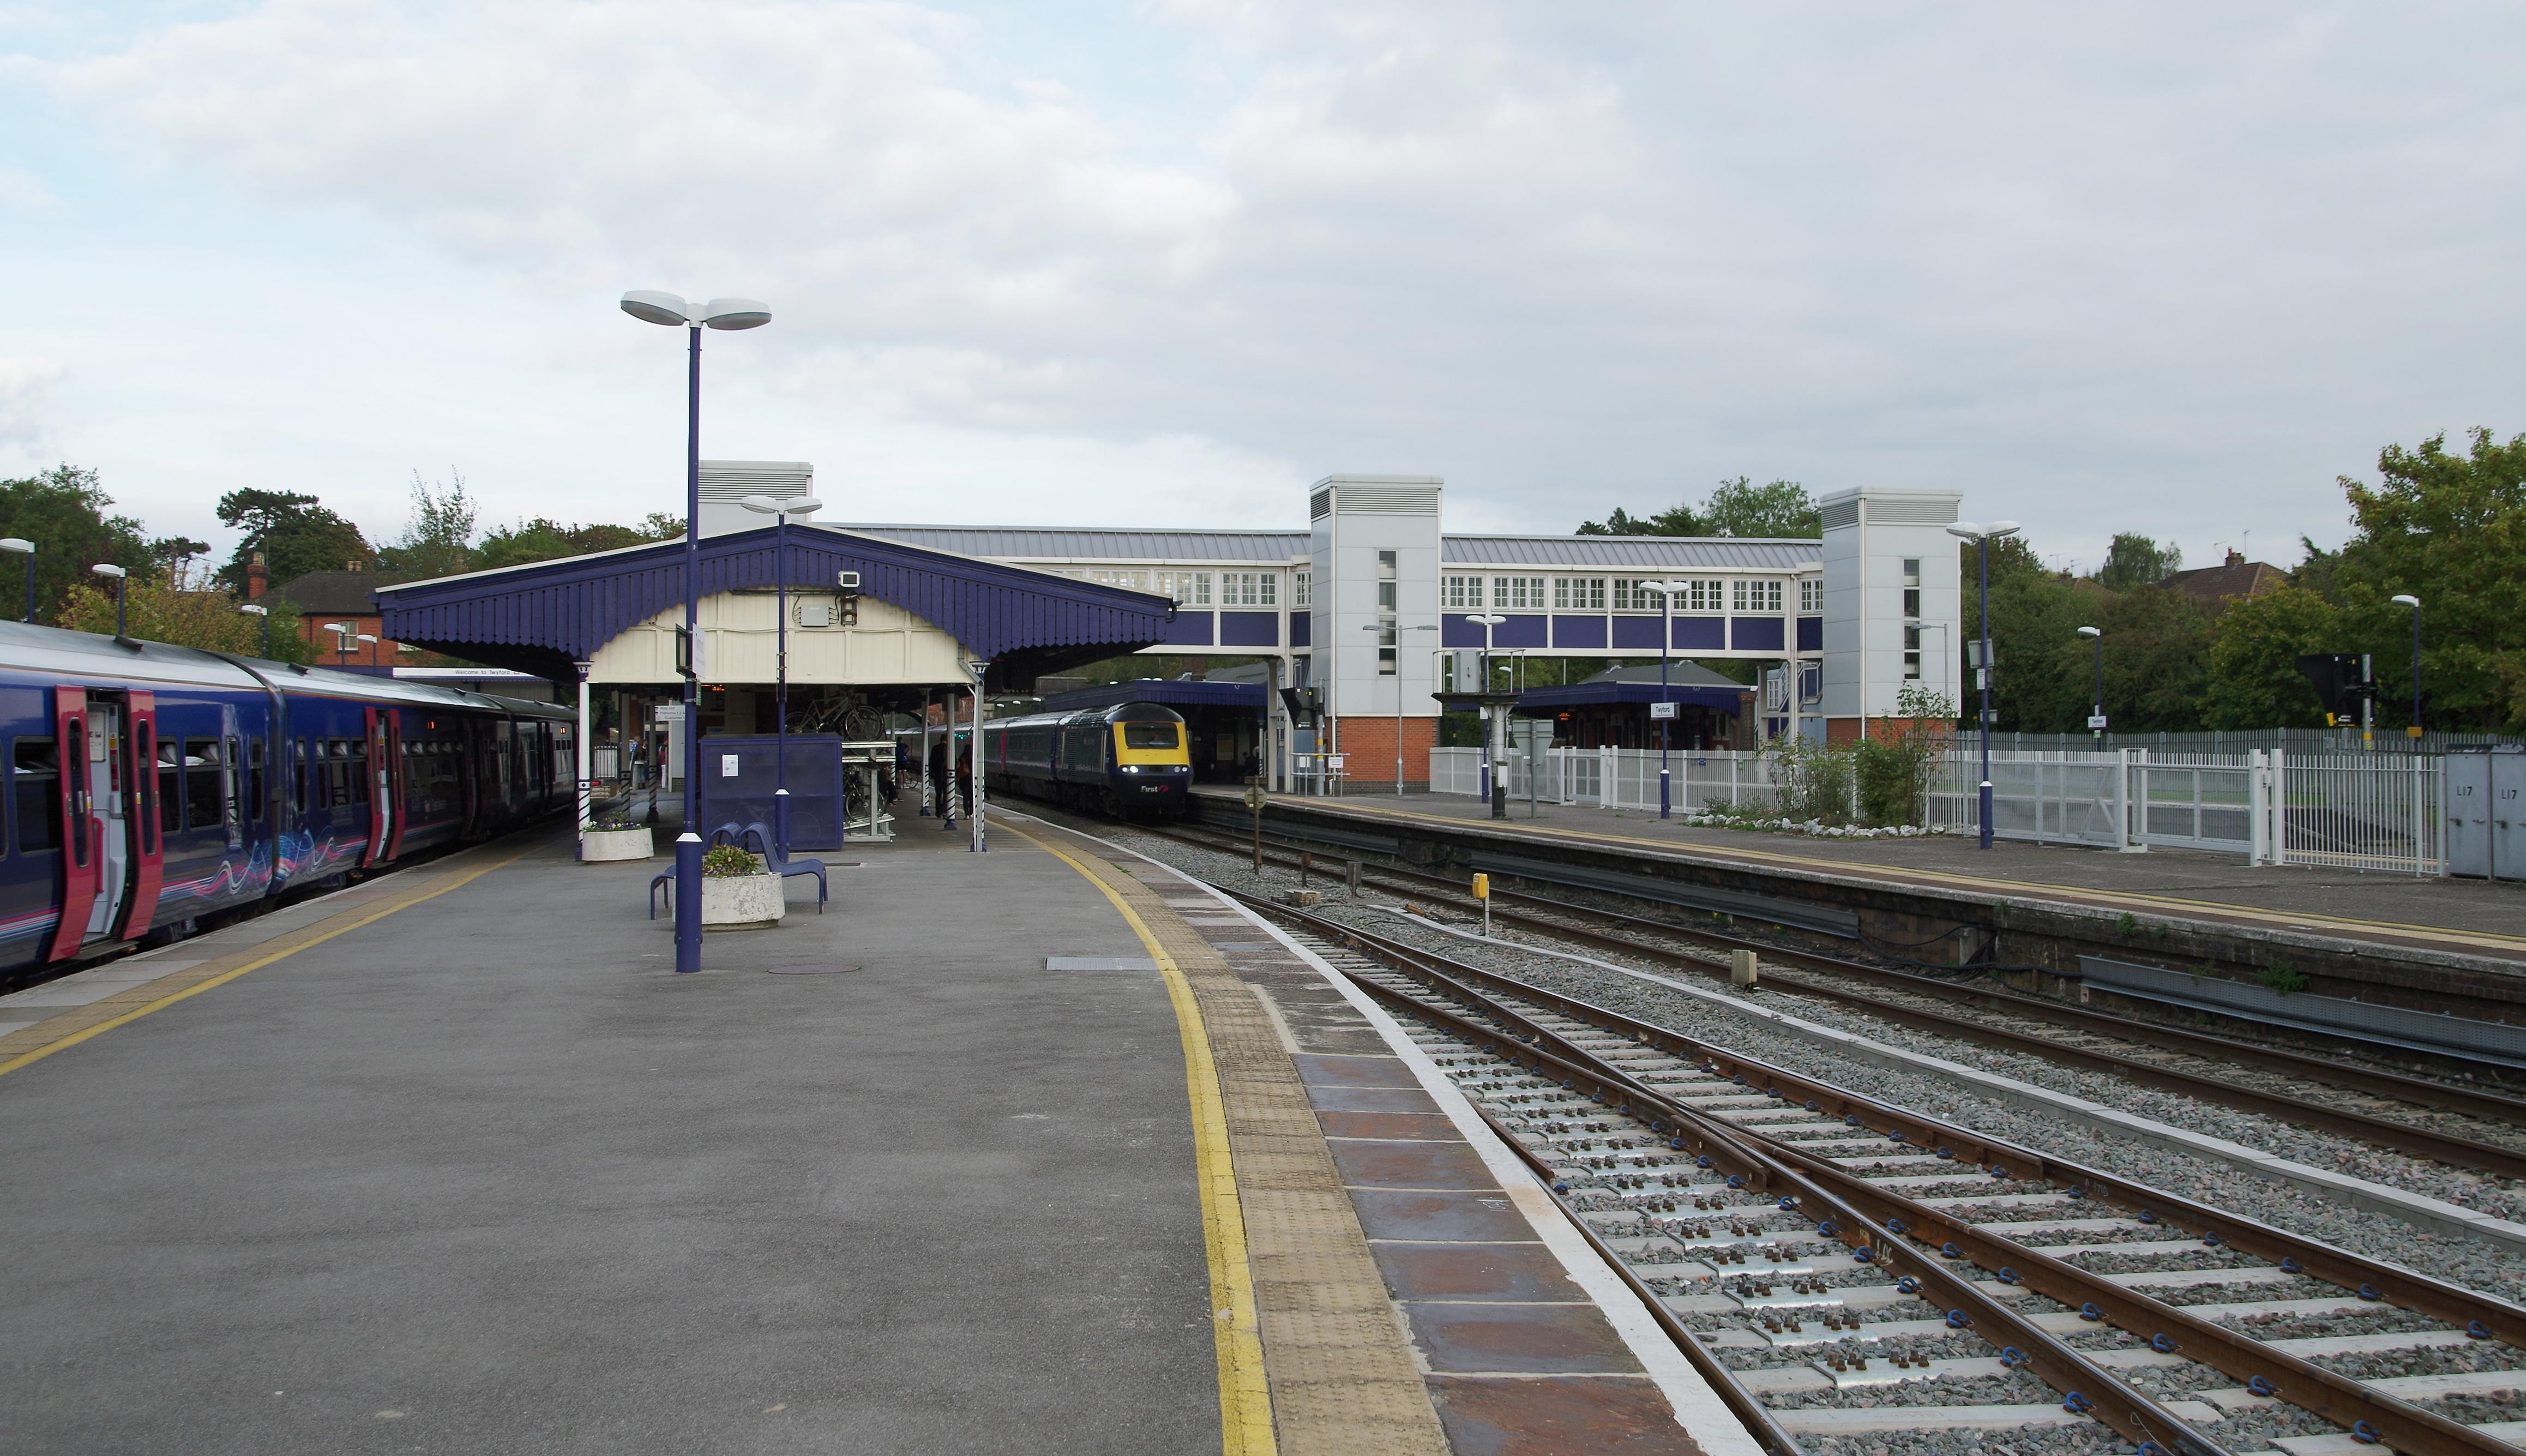 File:Twyford railway station MMB 01 165104 43XXX.jpg - Wikimedia Commons